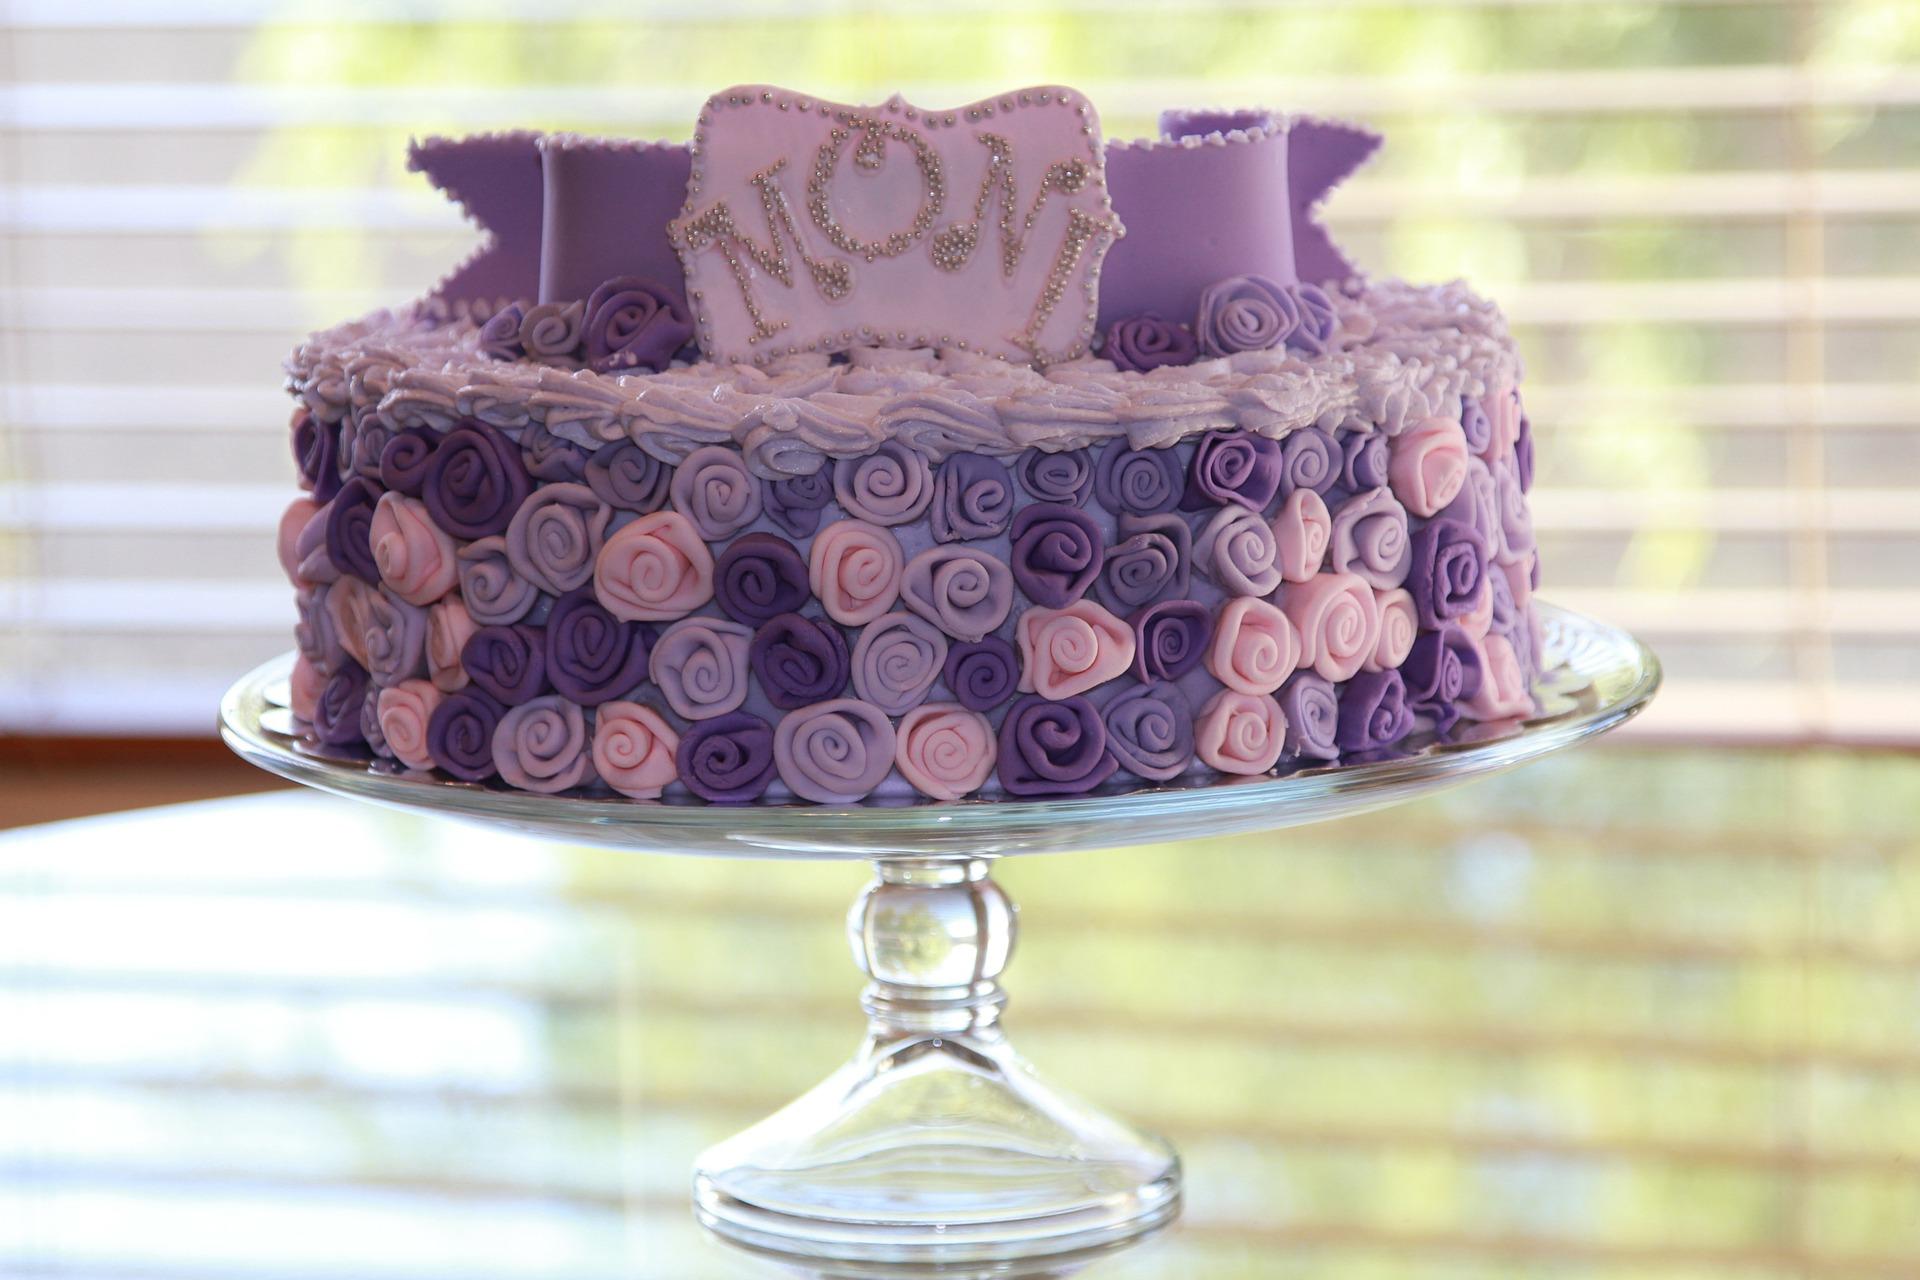 Szép torták lila rózsás torta